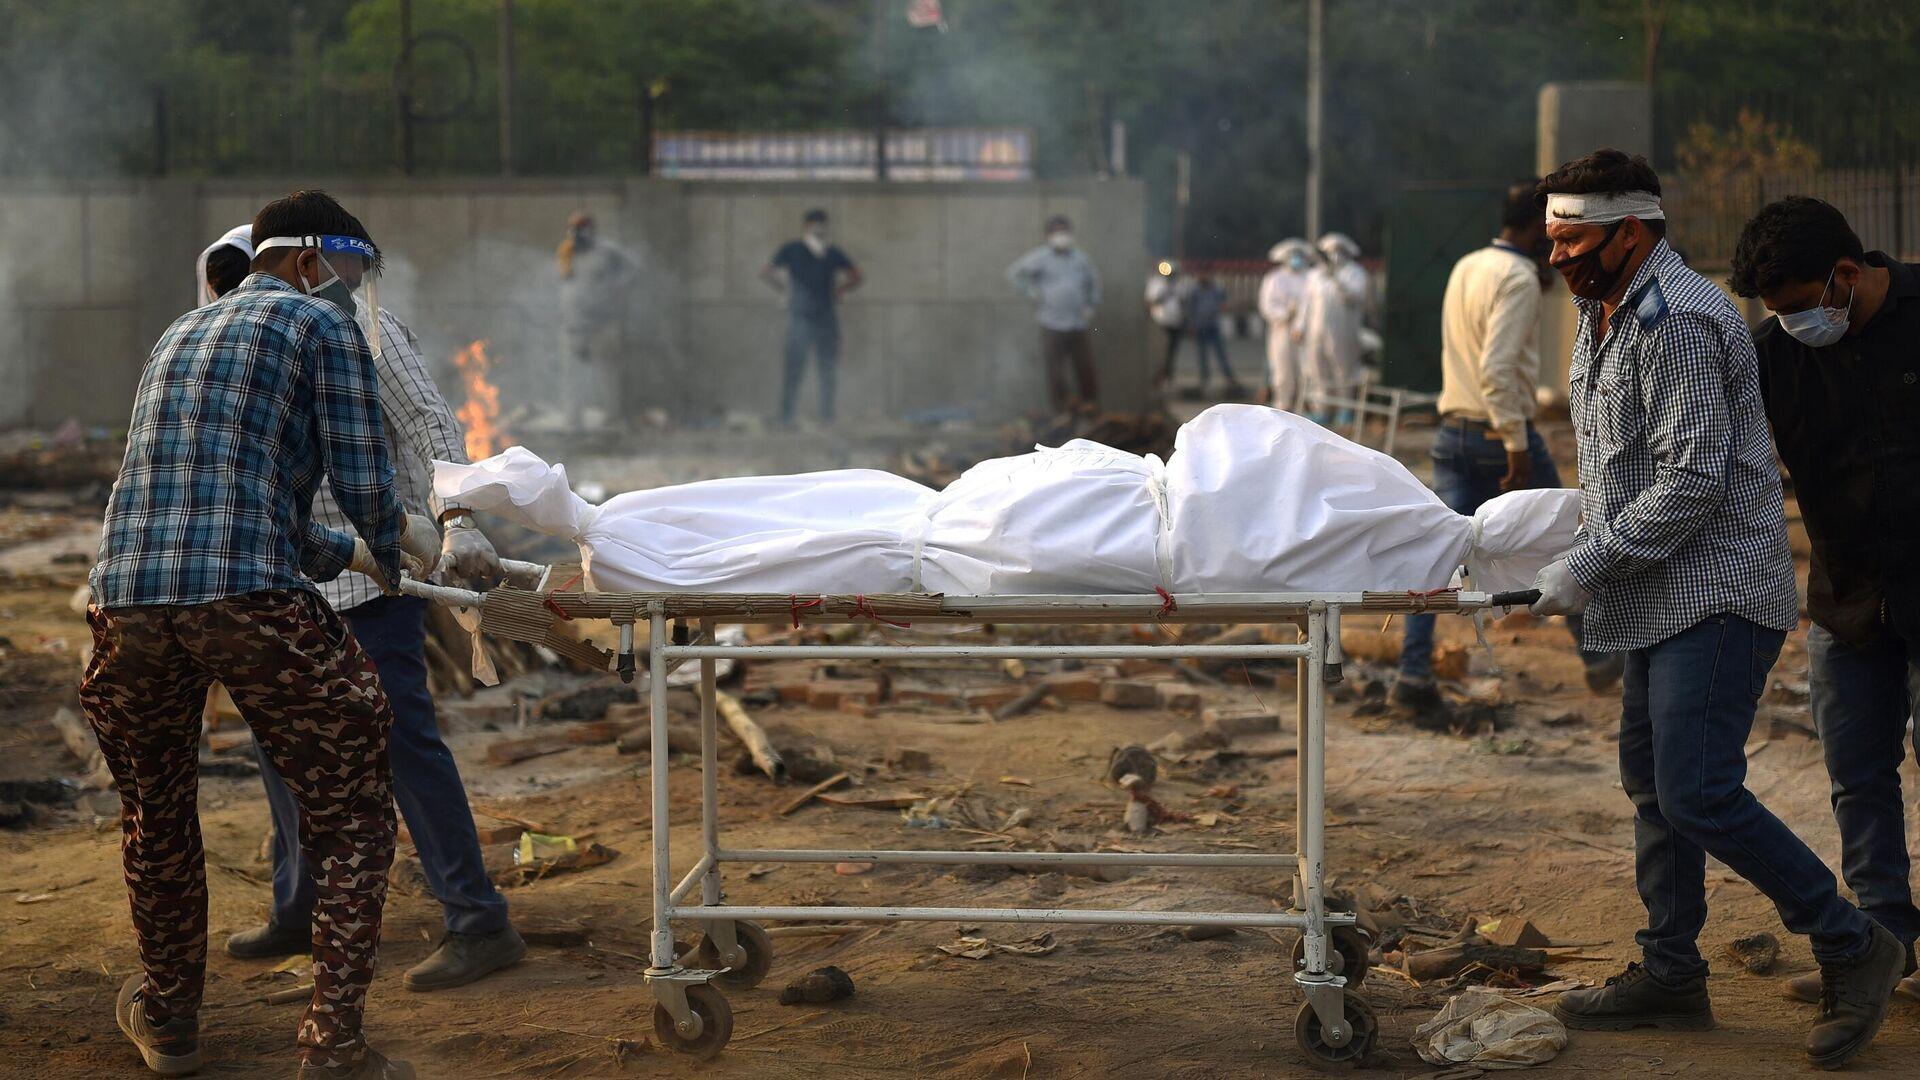 Подготовка тела погибшего к кремации жертв пандемии в Дели - РИА Новости, 1920, 06.05.2021